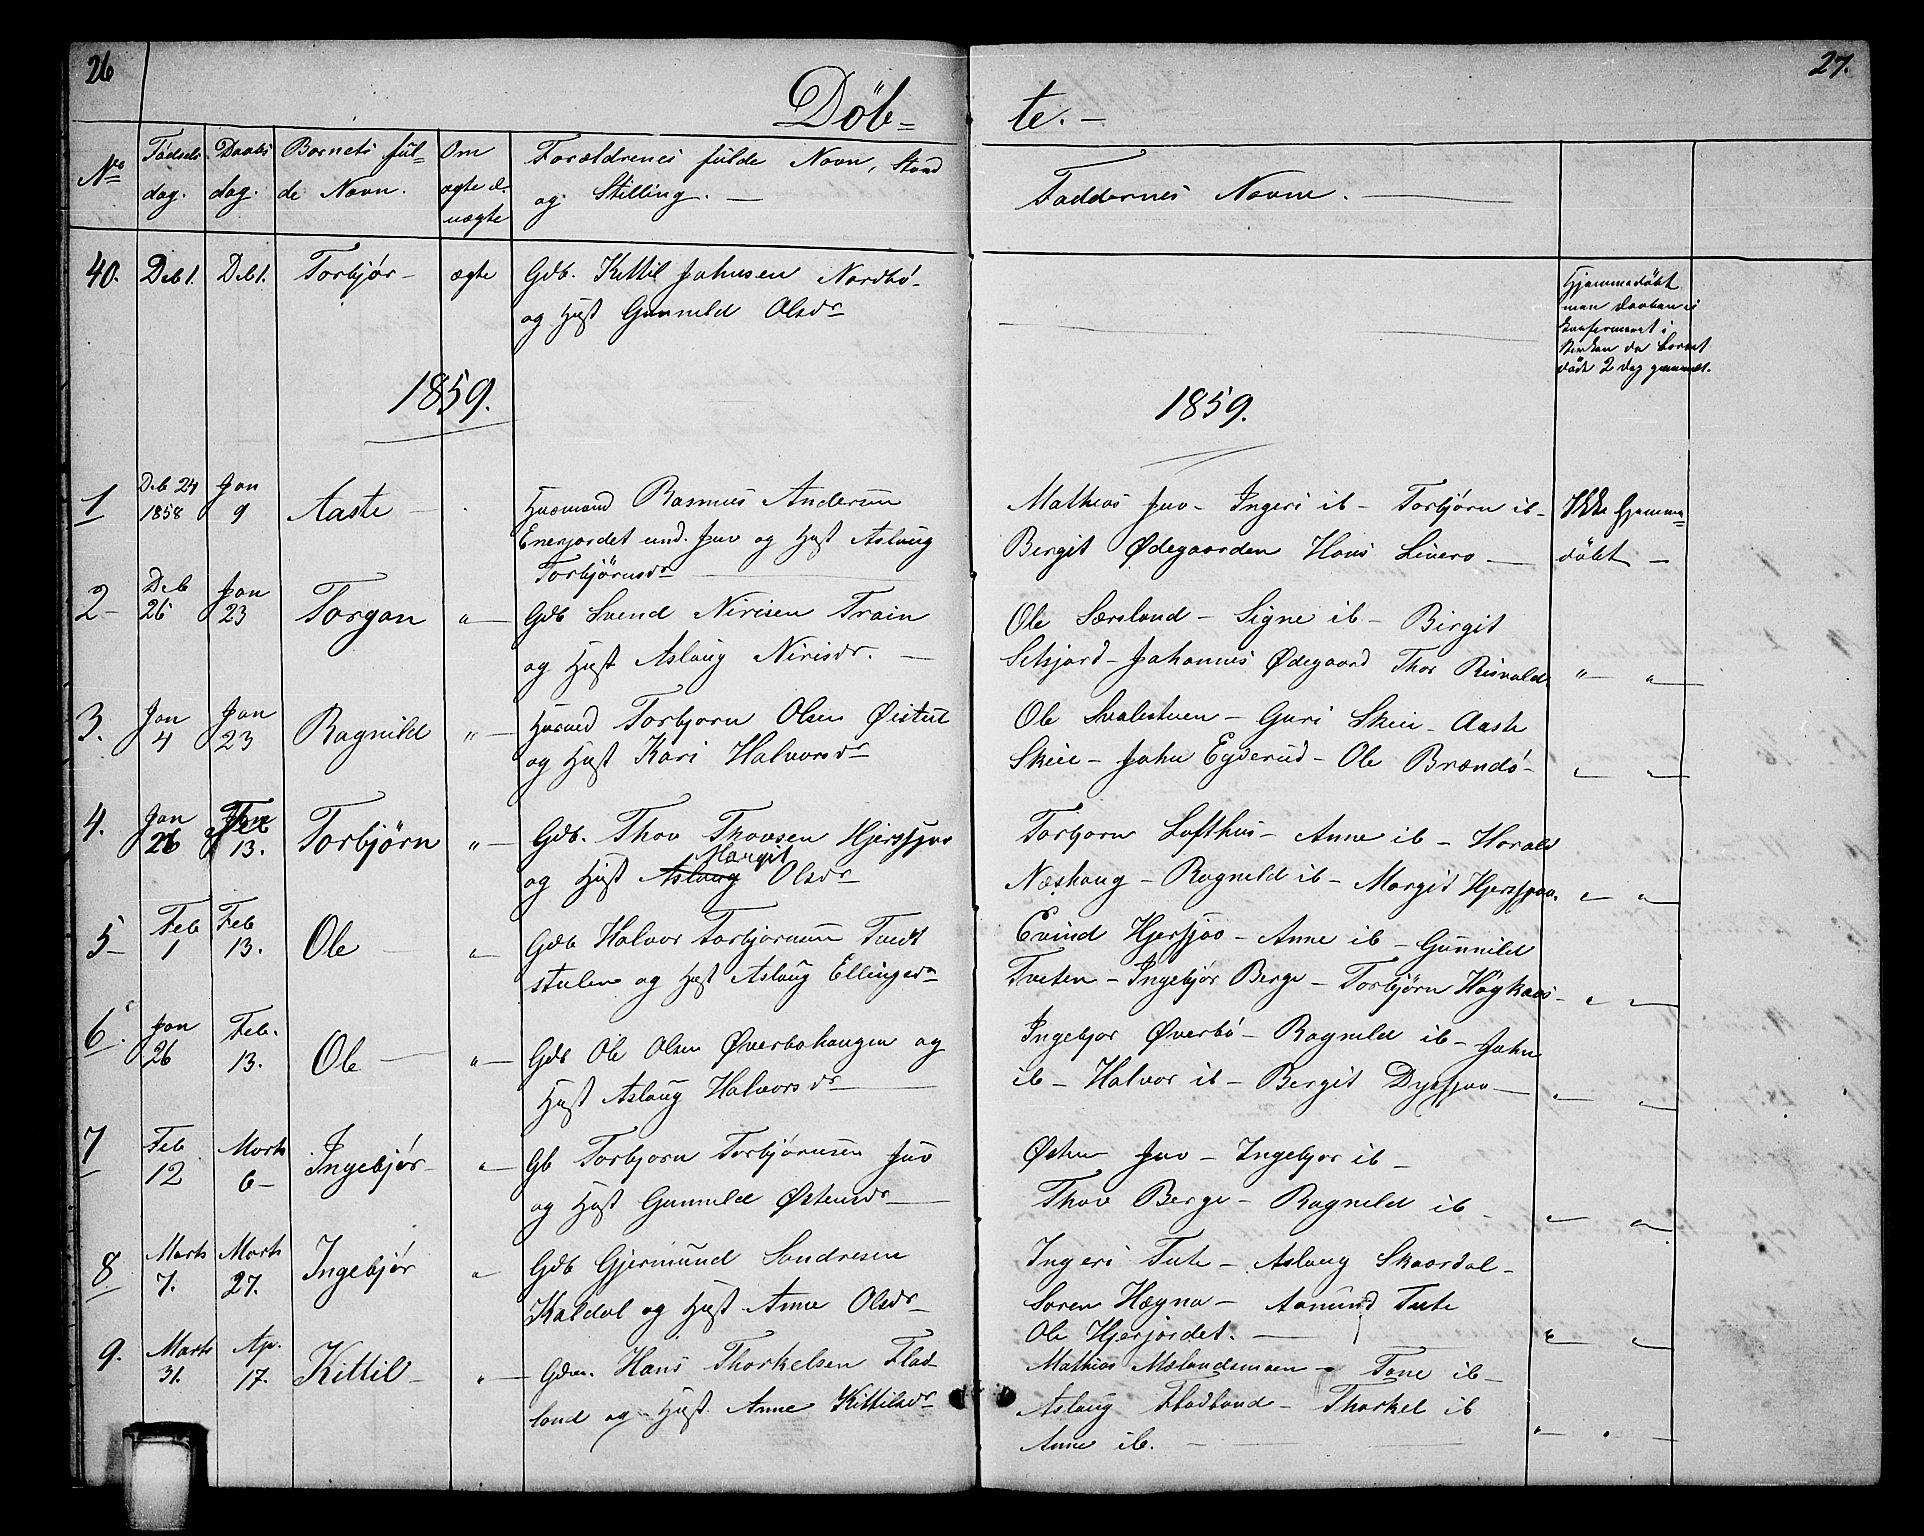 SAKO, Hjartdal kirkebøker, G/Ga/L0002: Klokkerbok nr. I 2, 1854-1888, s. 26-27